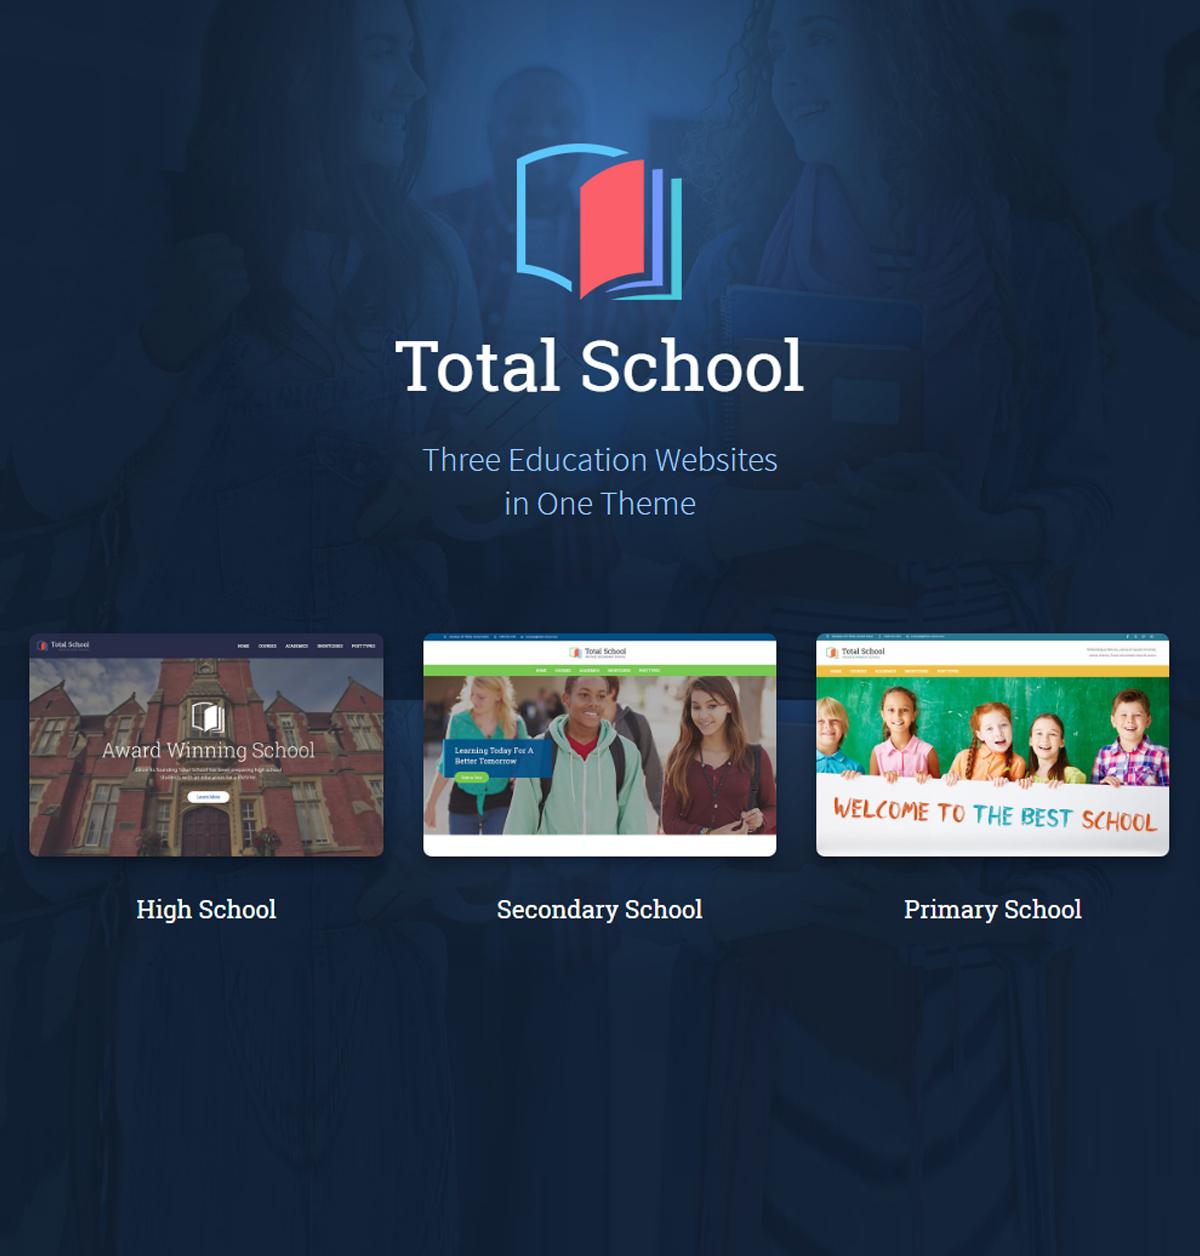 Total School